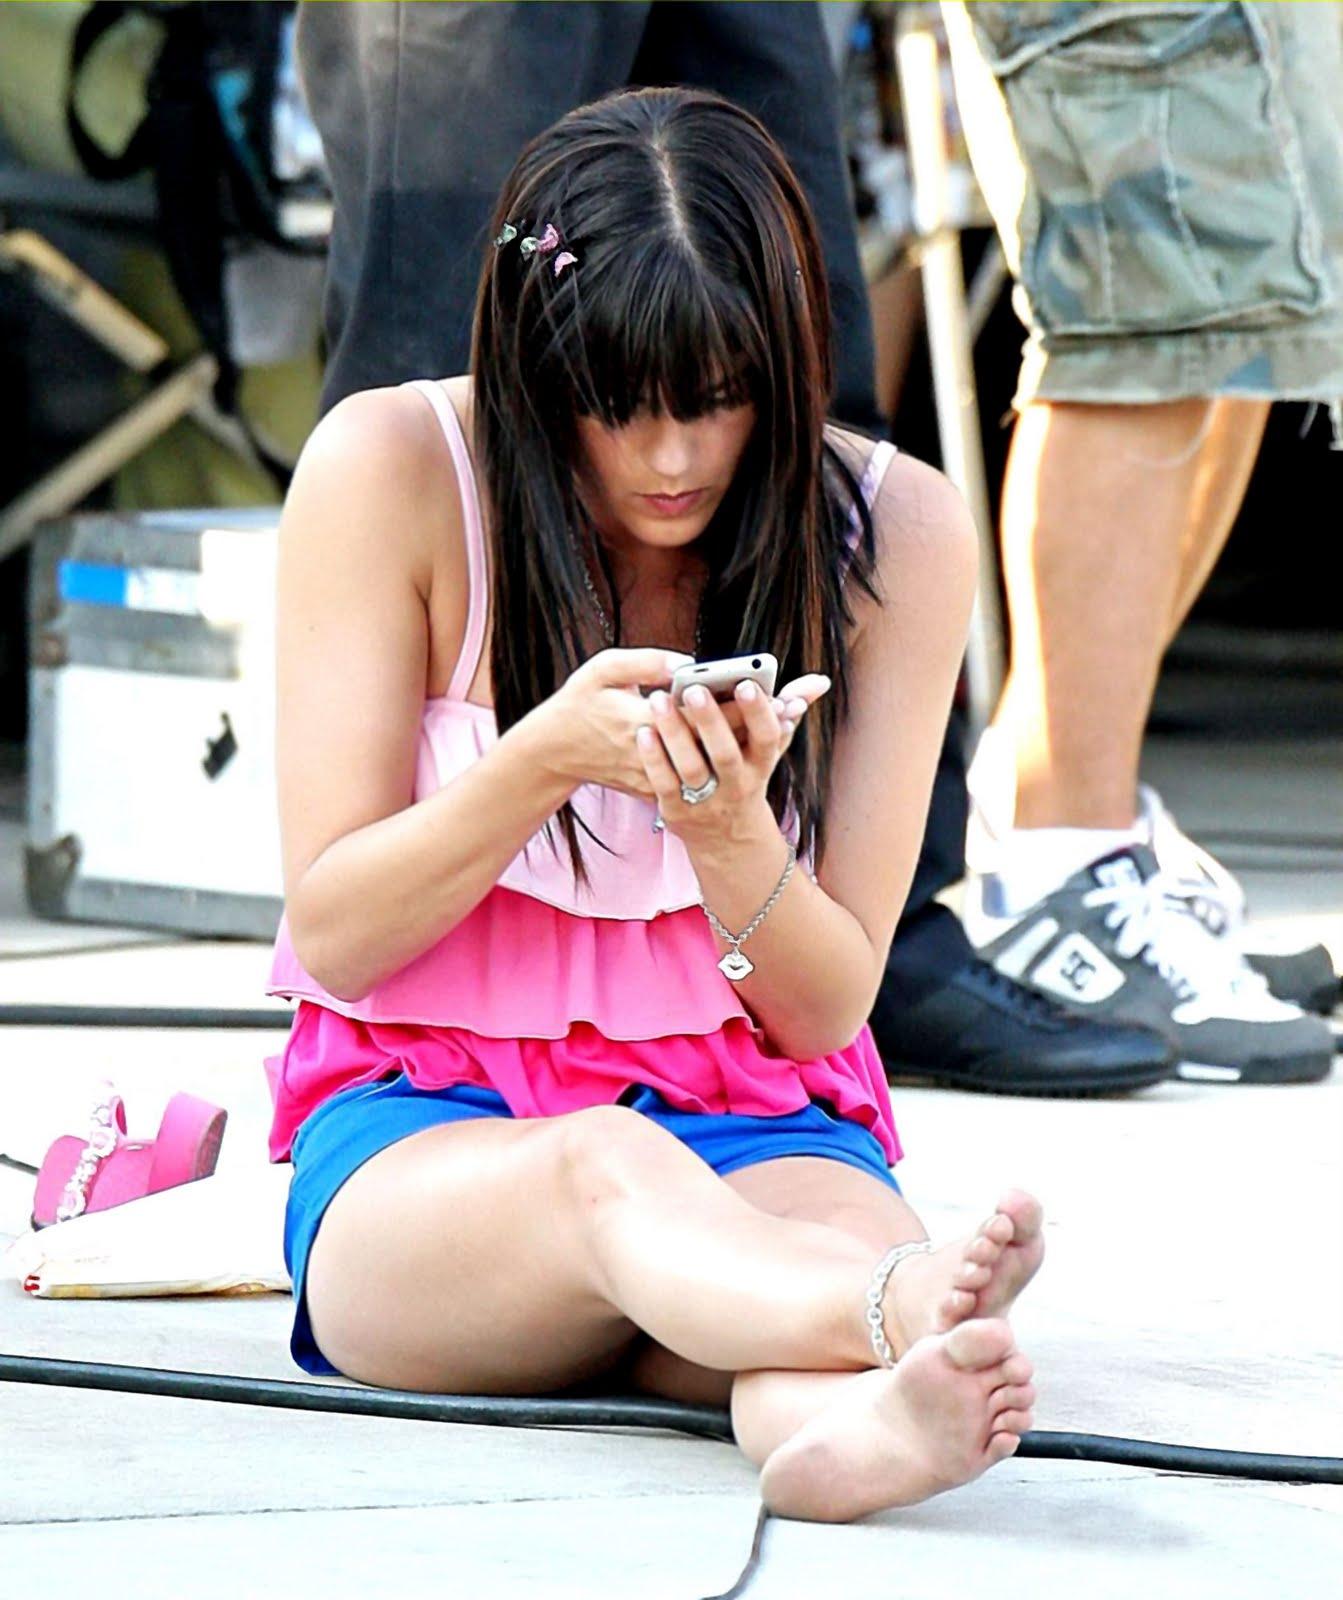 http://3.bp.blogspot.com/_iE4NT7ouw8k/TLheBNF8qQI/AAAAAAAABJI/mjVjzOws02c/s1600/Selma-Blair-Feet-62024.jpg